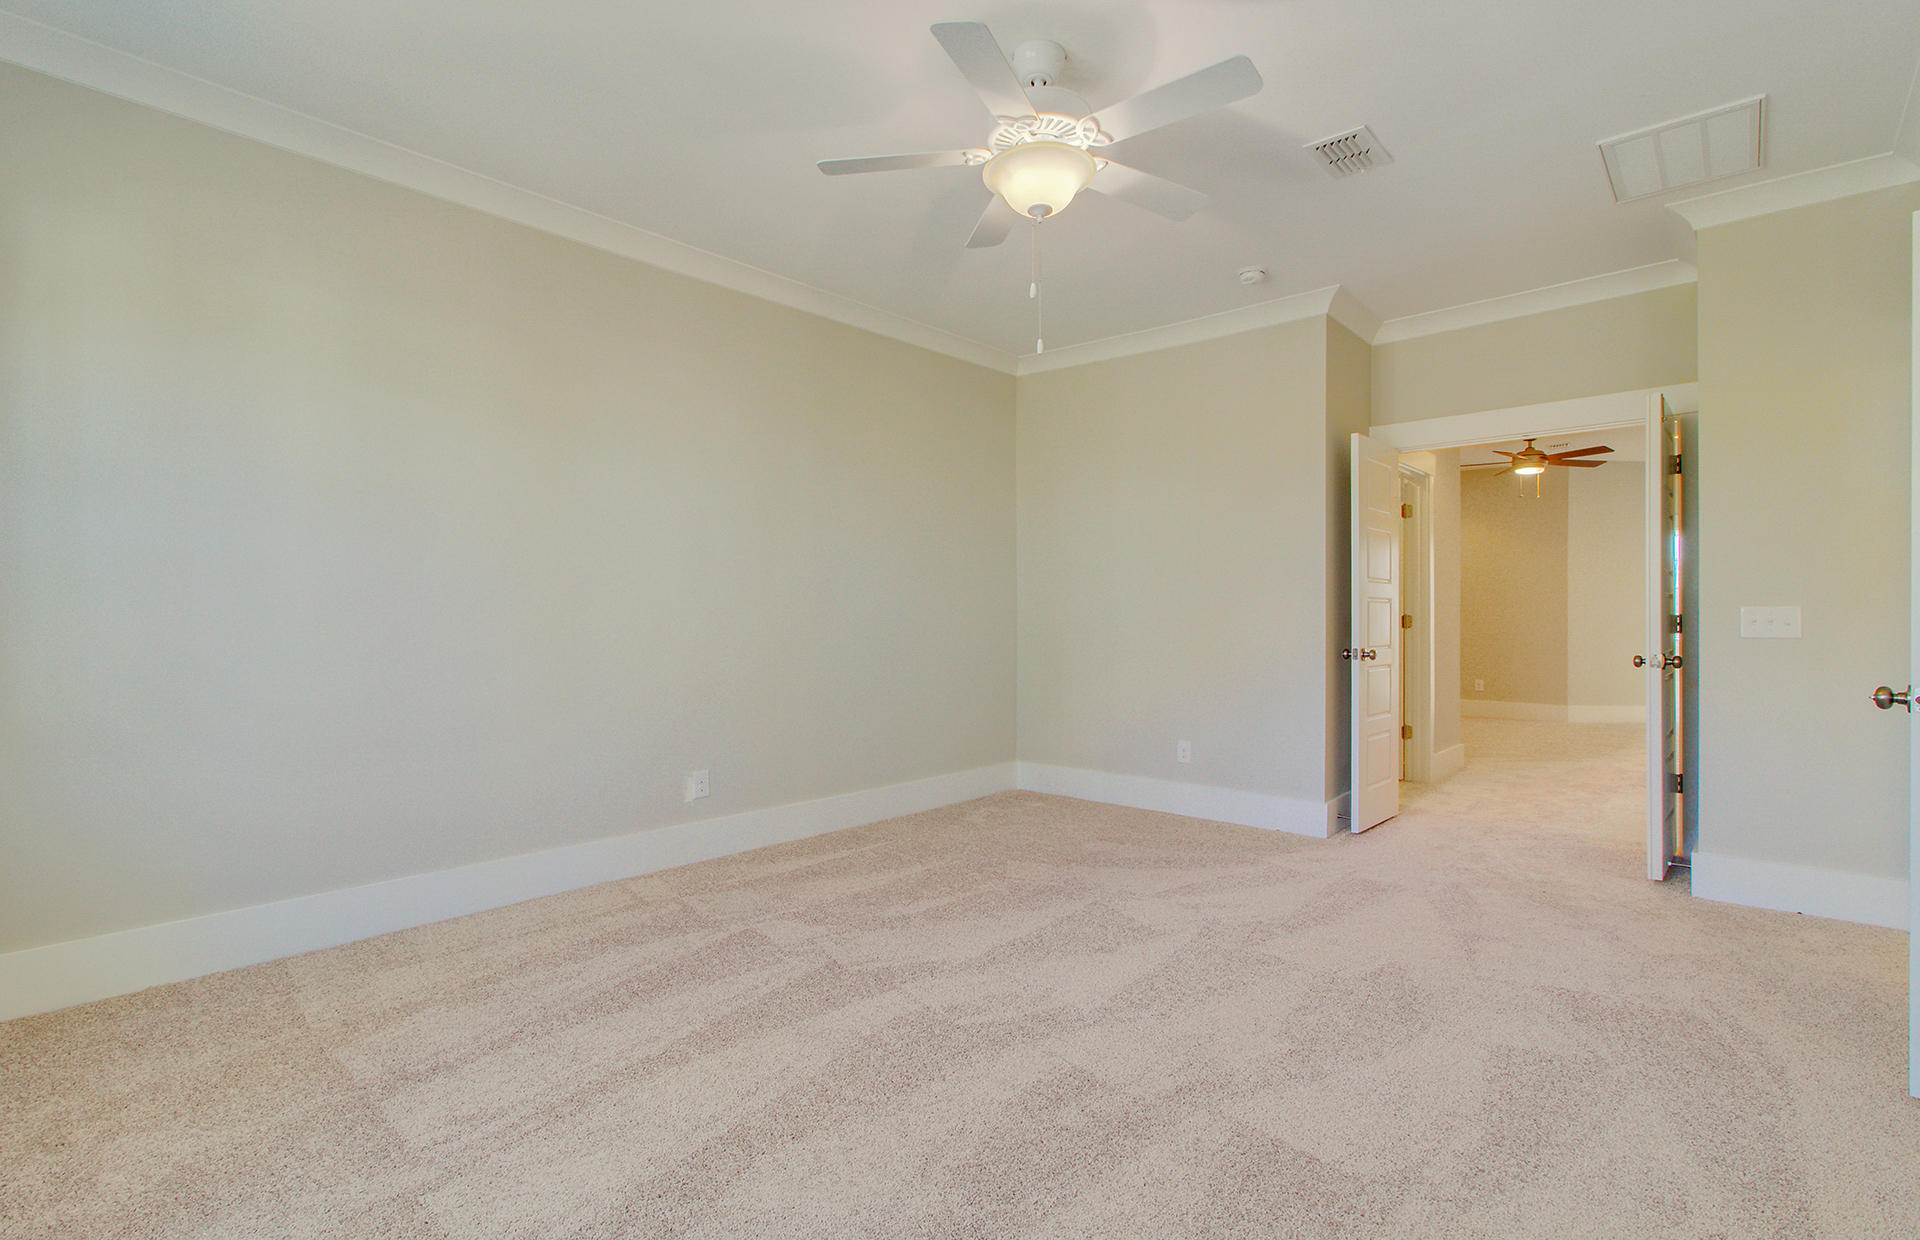 Dunes West Homes For Sale - 2406 Brackish, Mount Pleasant, SC - 16